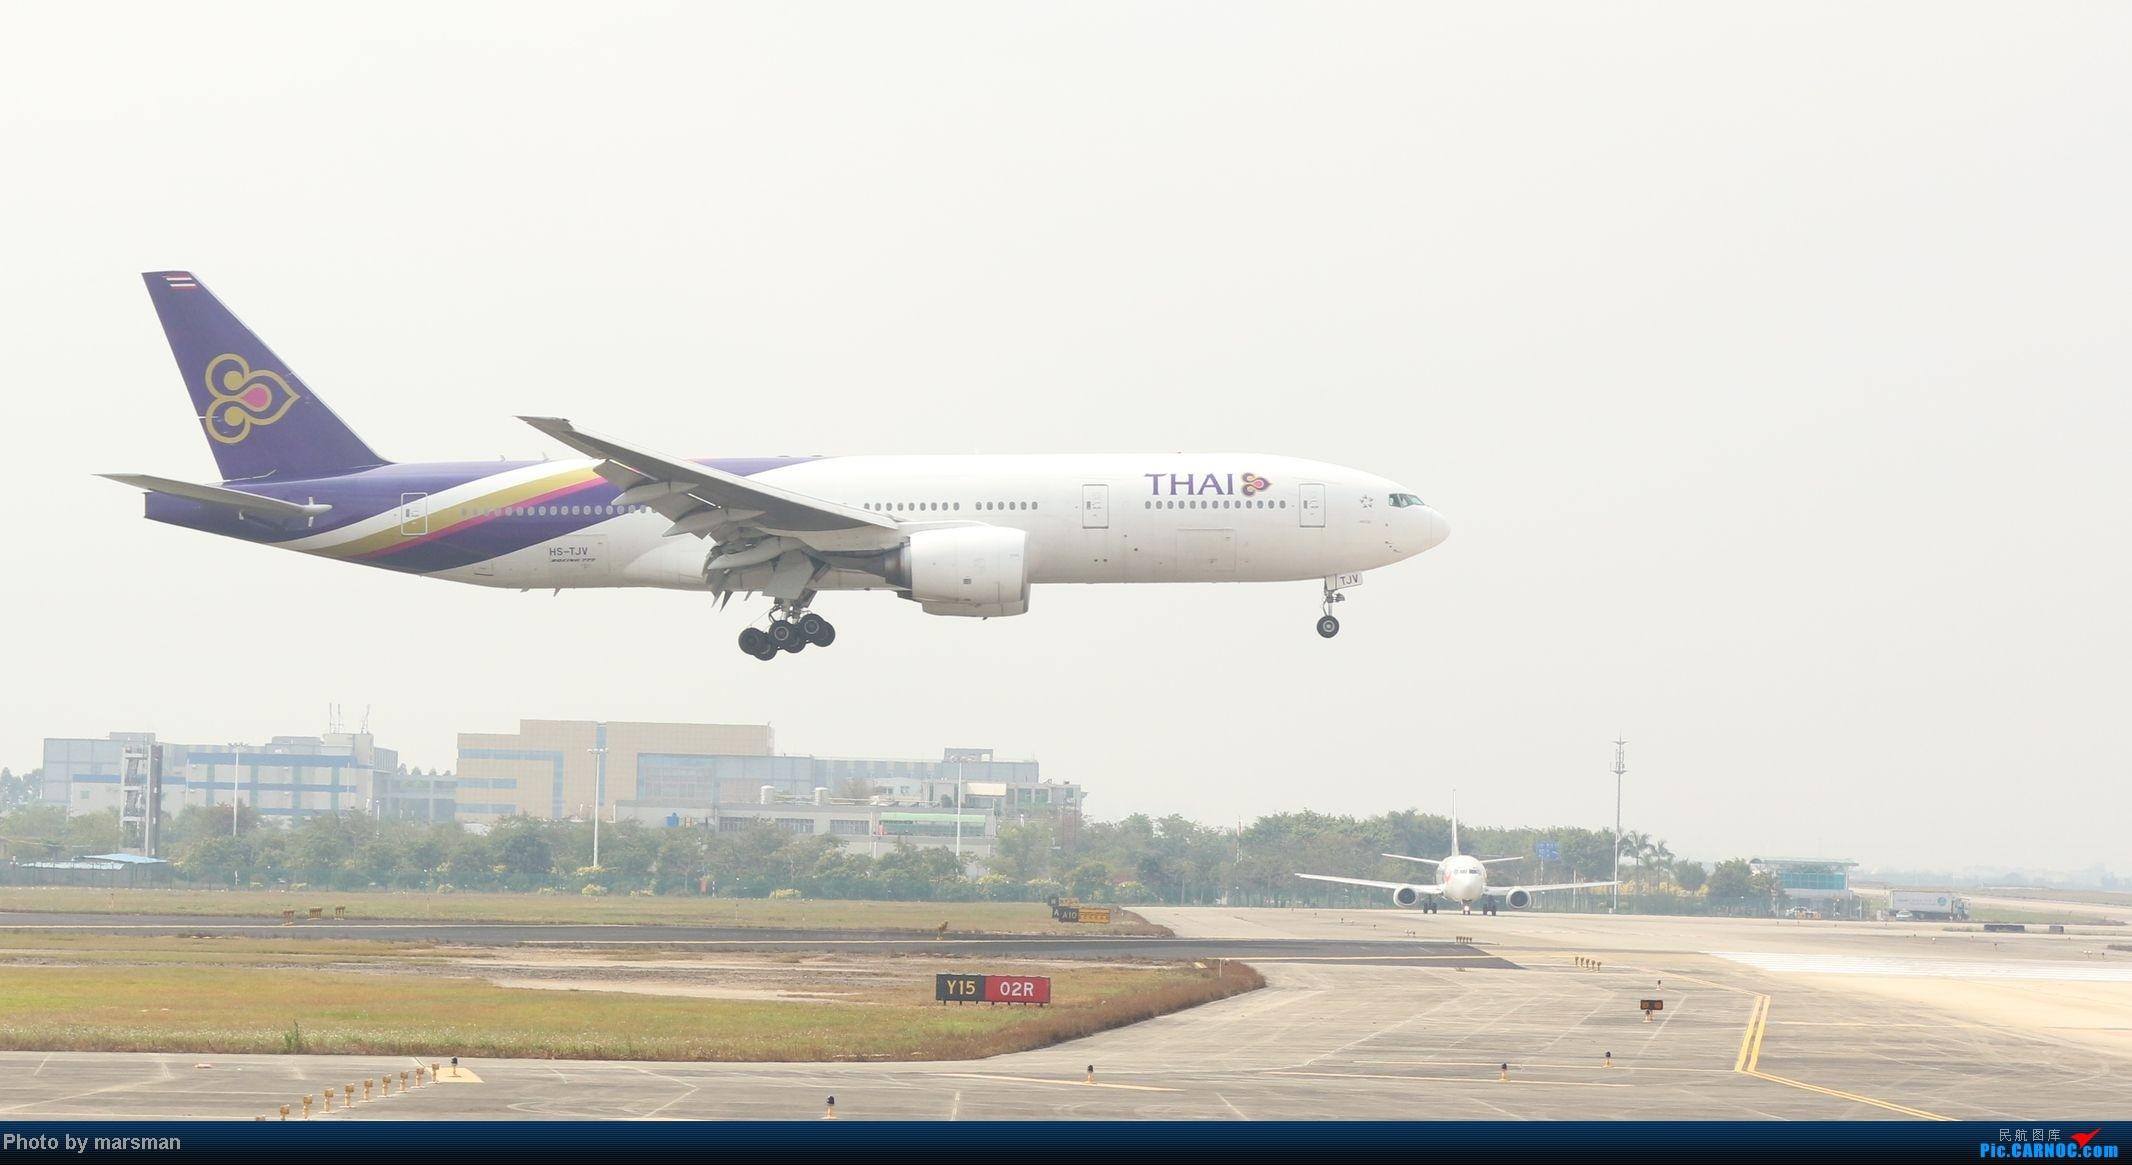 Re:[原创]广州白云机场第一次作业及新手入门简明指南 BOEING 777-300 HS-TJV 中国广州白云机场